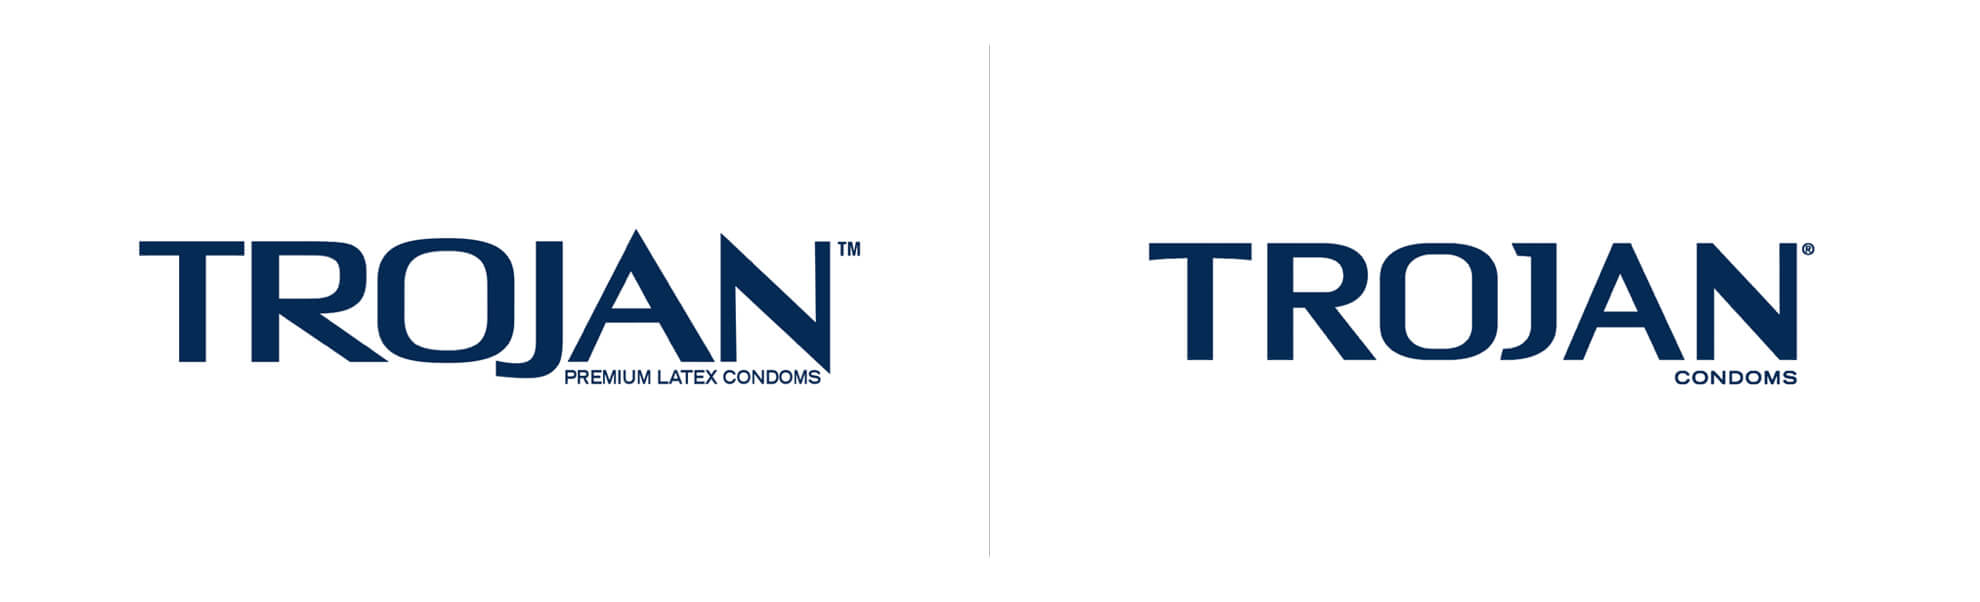 prezerwatywytrojan znowym logo